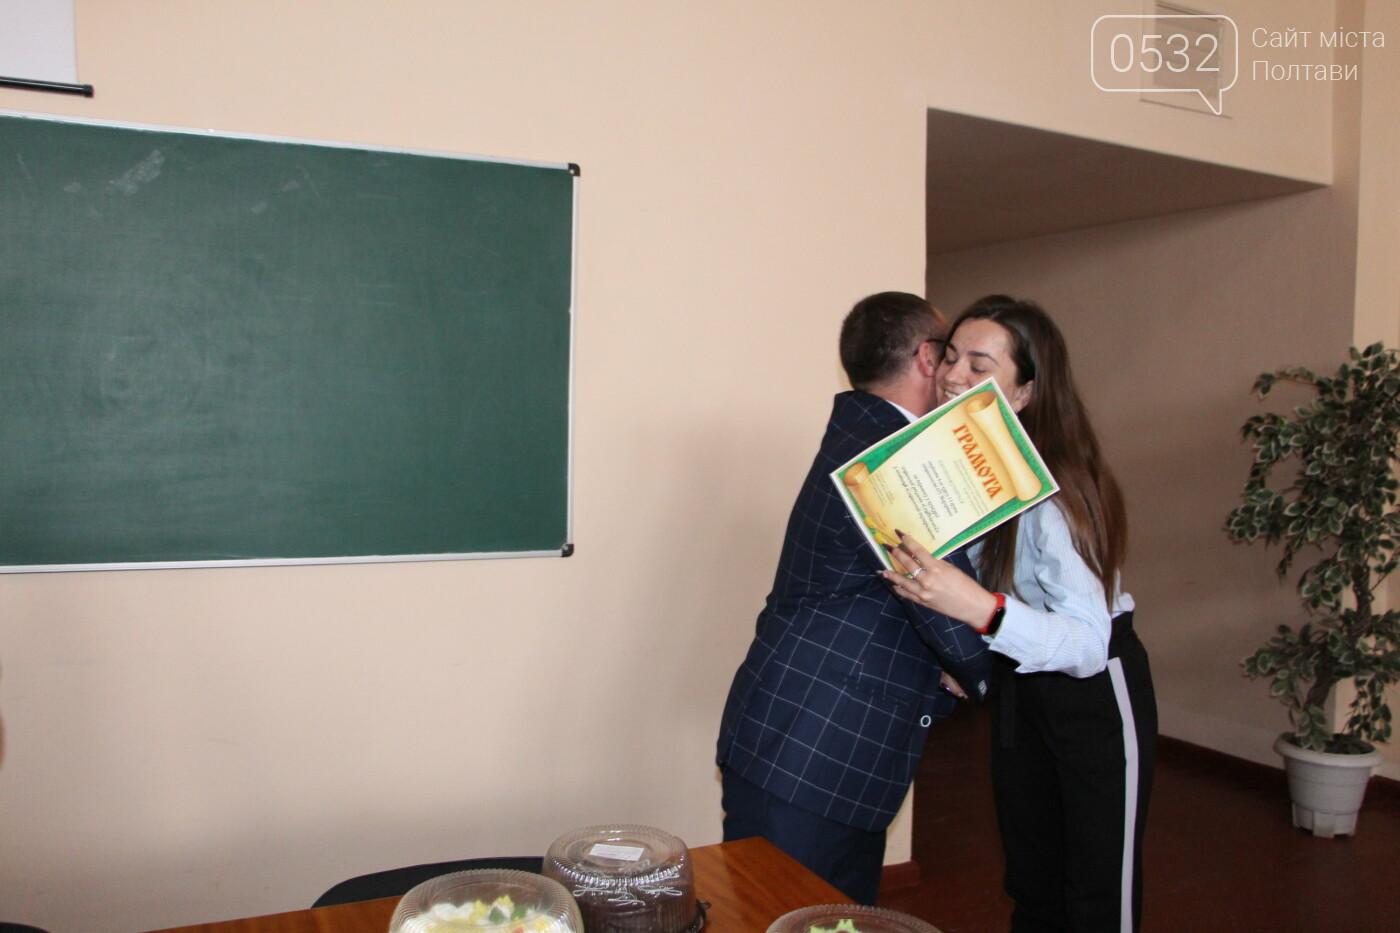 У Полтаві провели конкурс на кращий соціальний ролик серед студентів (ФОТО), фото-9